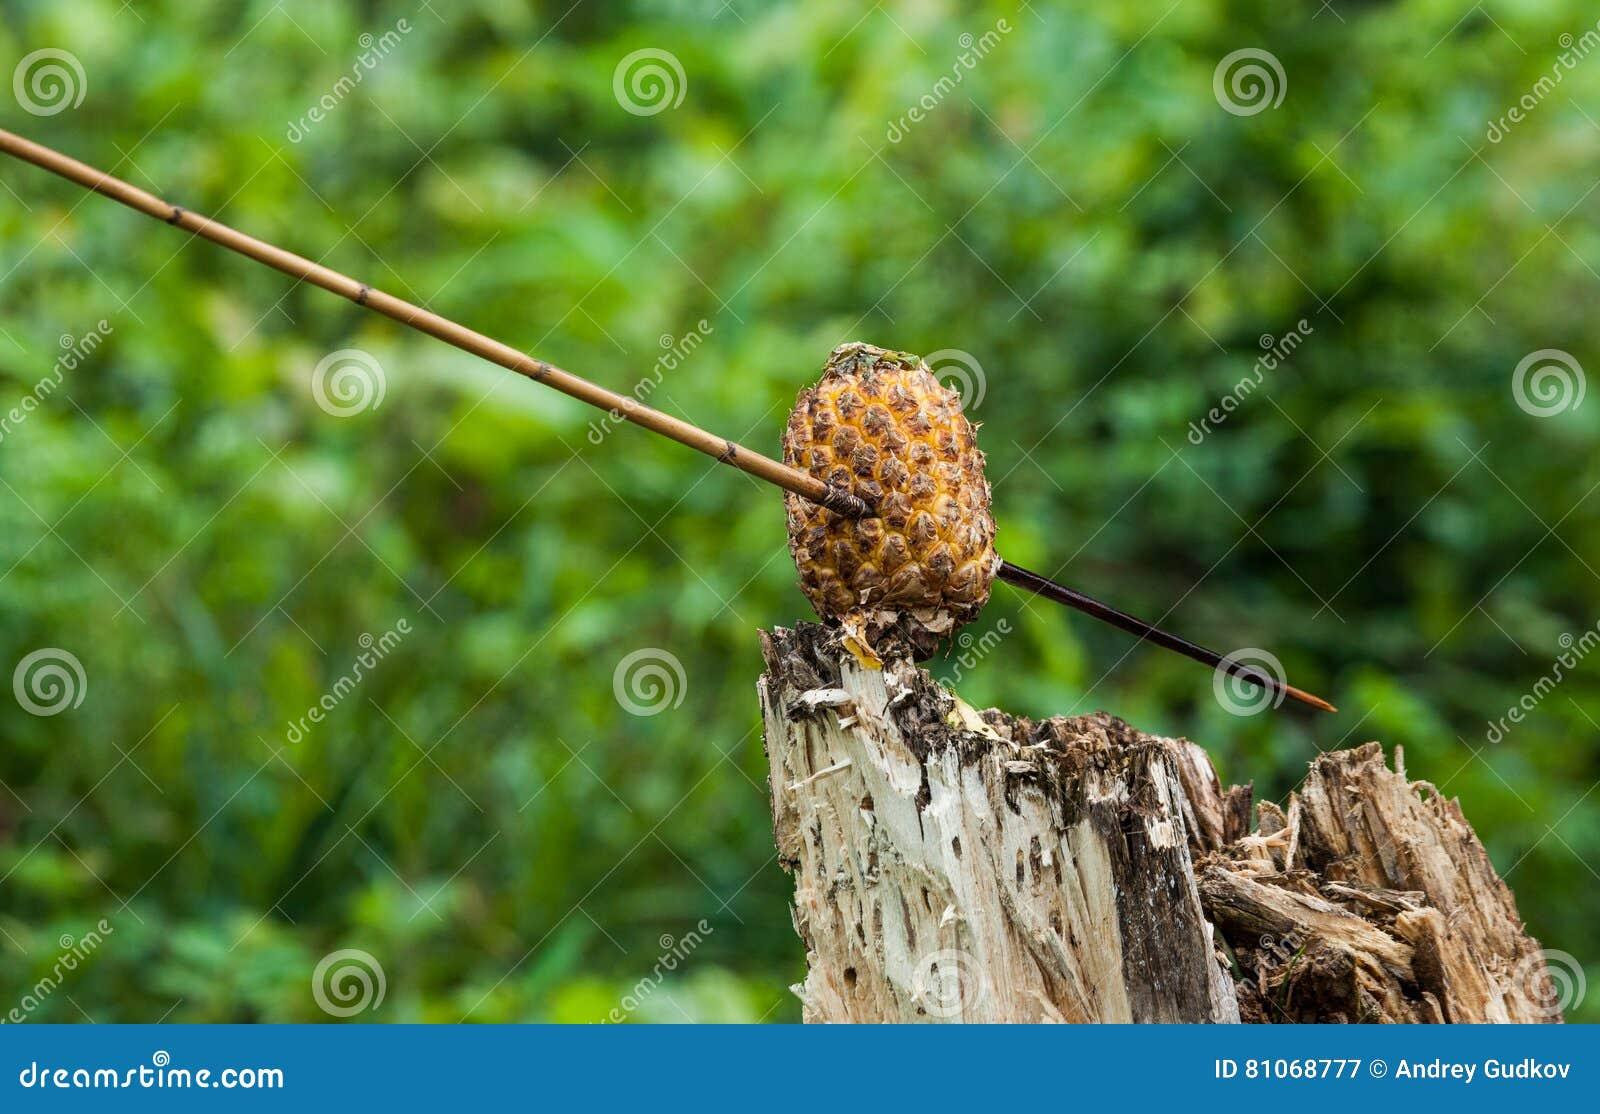 Man Korowai Tribe Shoots A Bow. Tribe Of Korowai Kombai ...